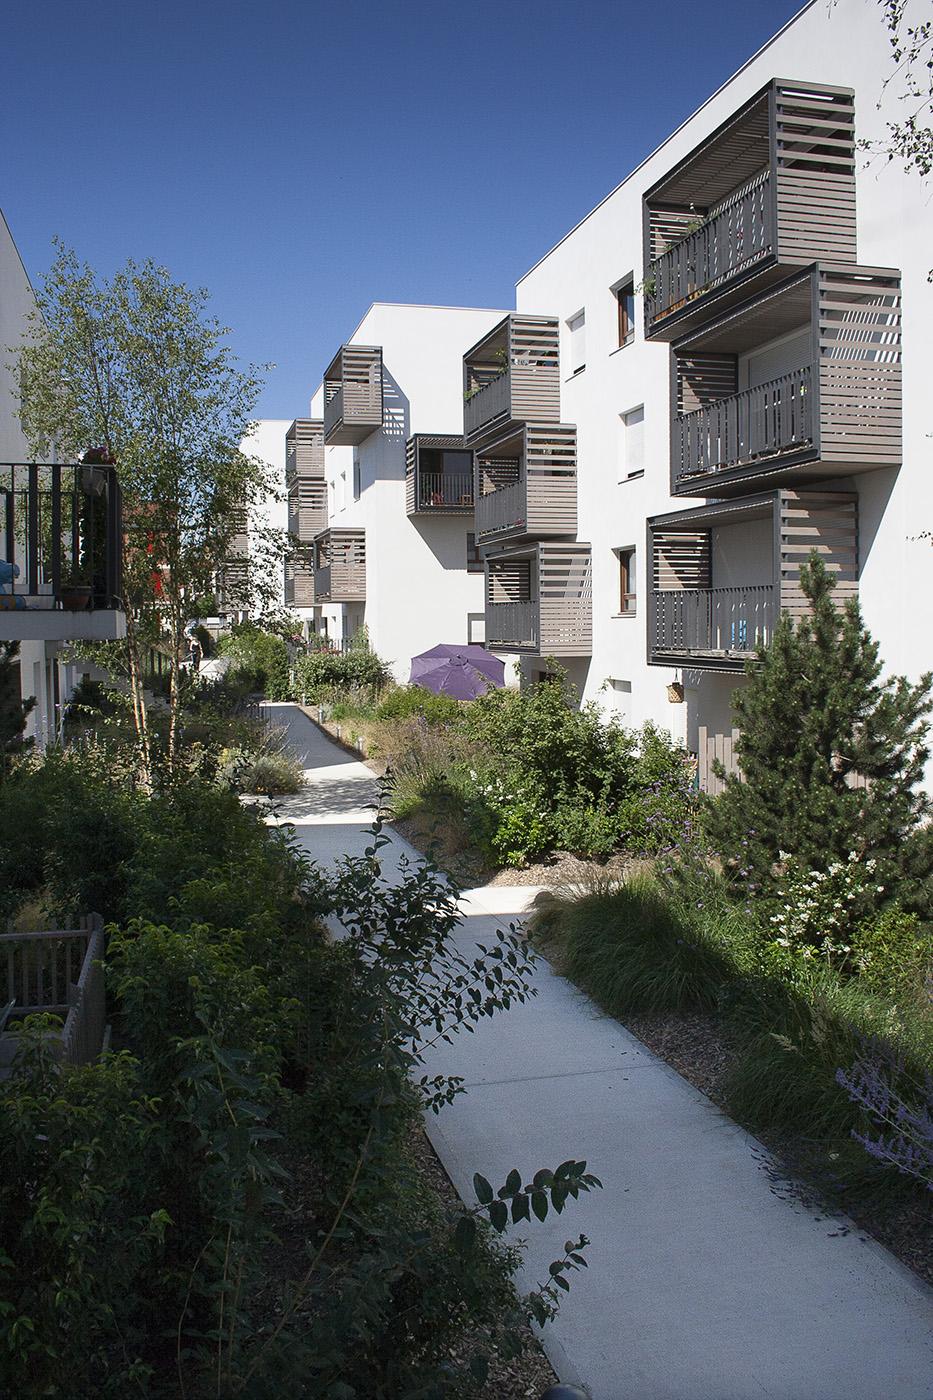 Les jardins inattendus la compagnie du paysage for Central jardin rosiere